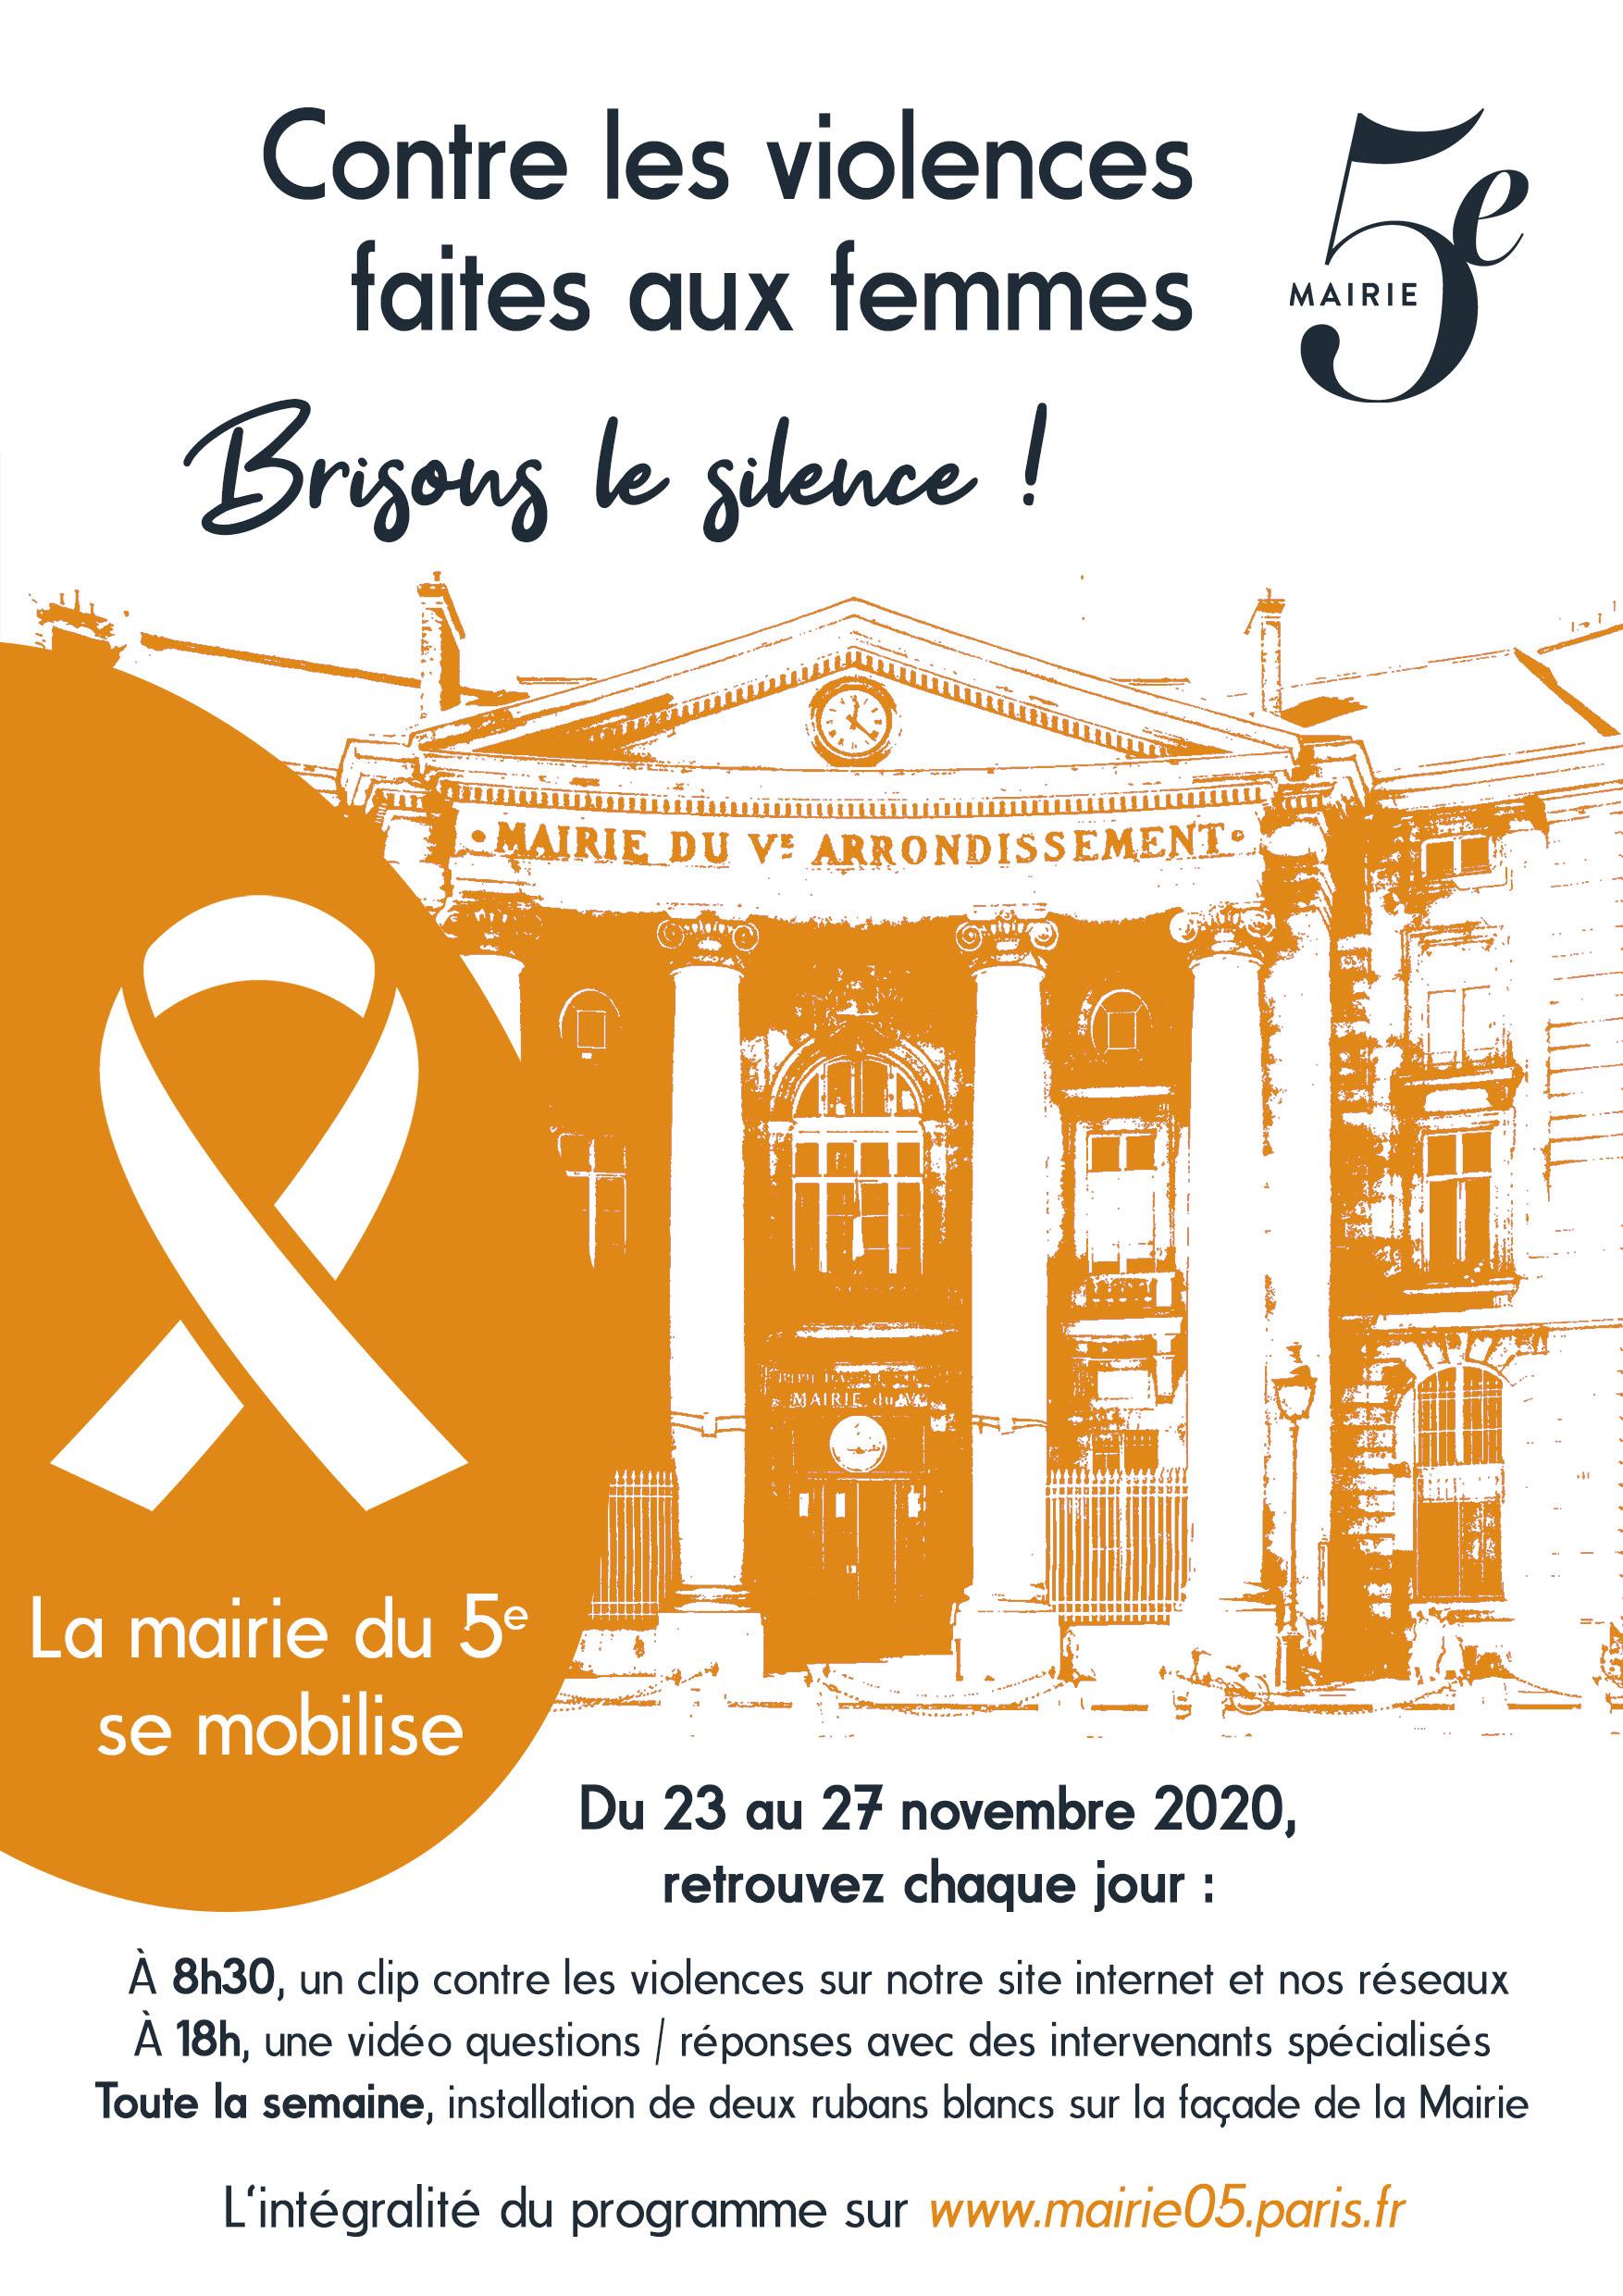 Affiche A3 contre violences femmes